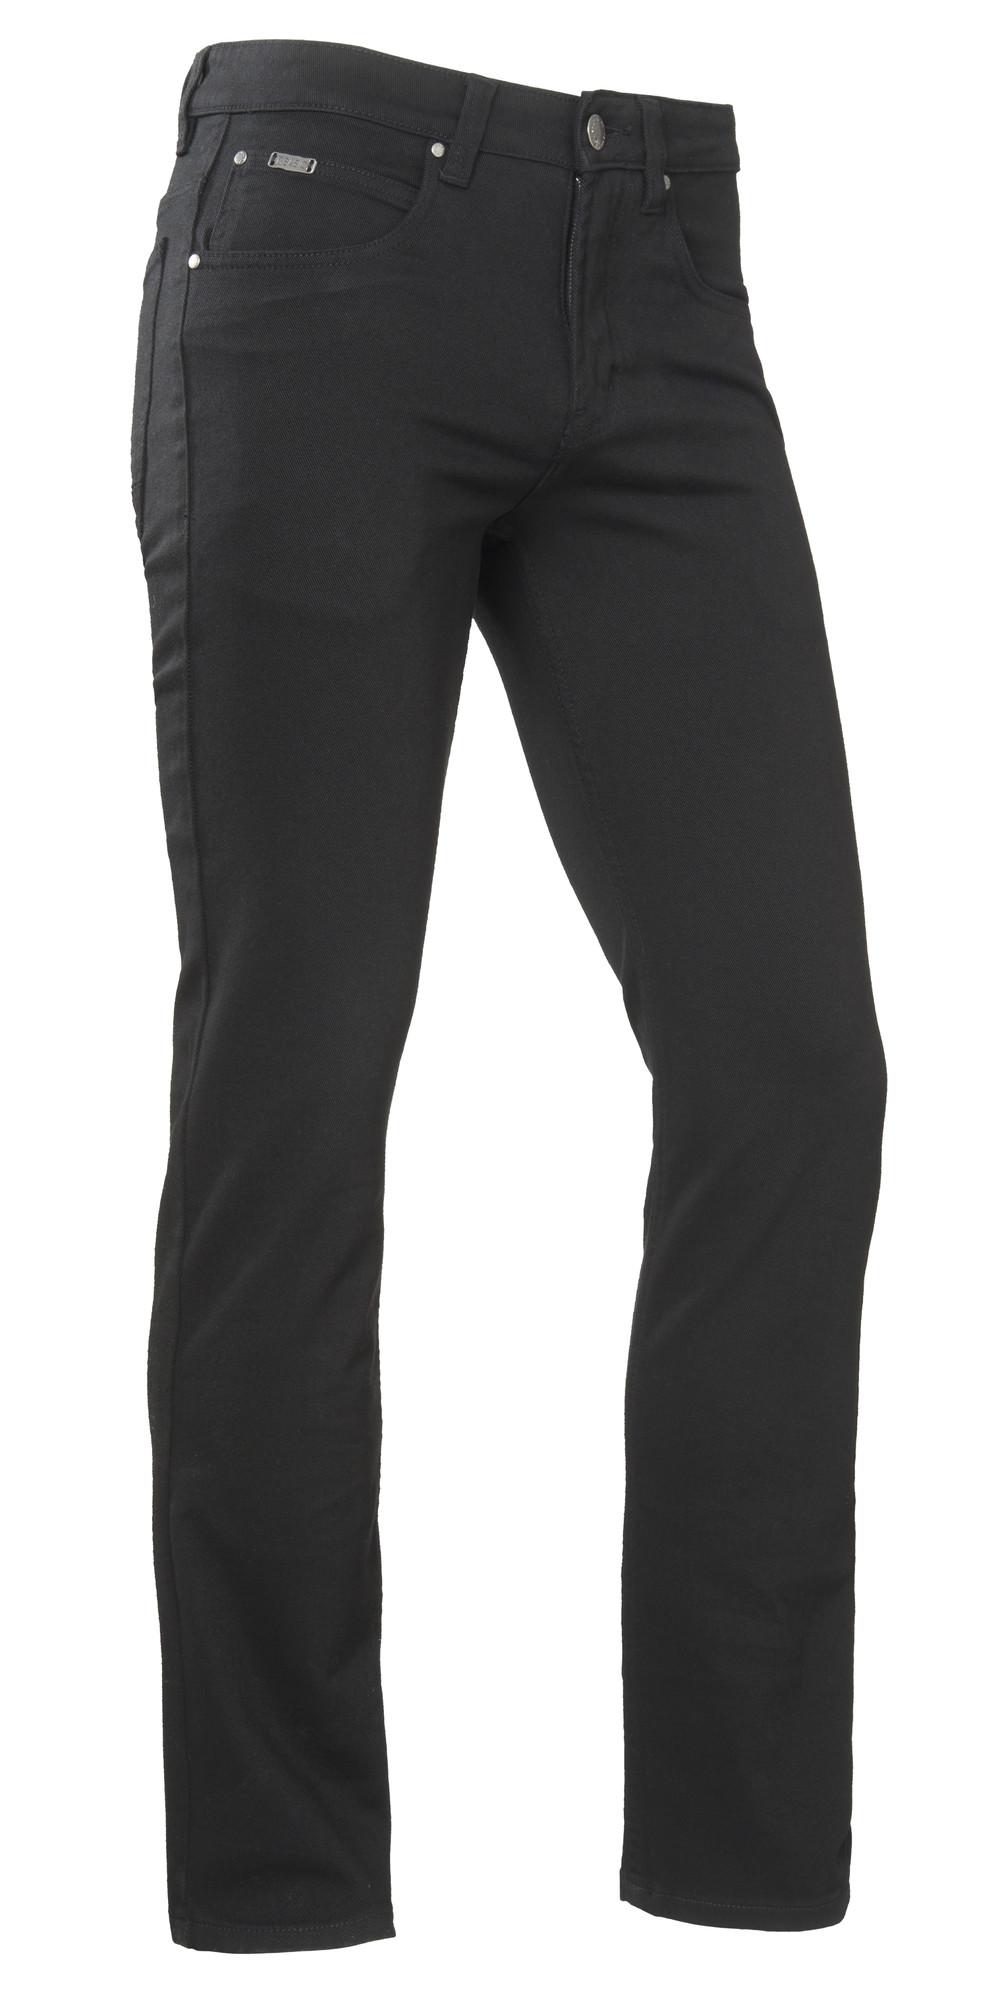 Brams Paris Danny Jeans Stretch (D51 Black Twill) W31-L32